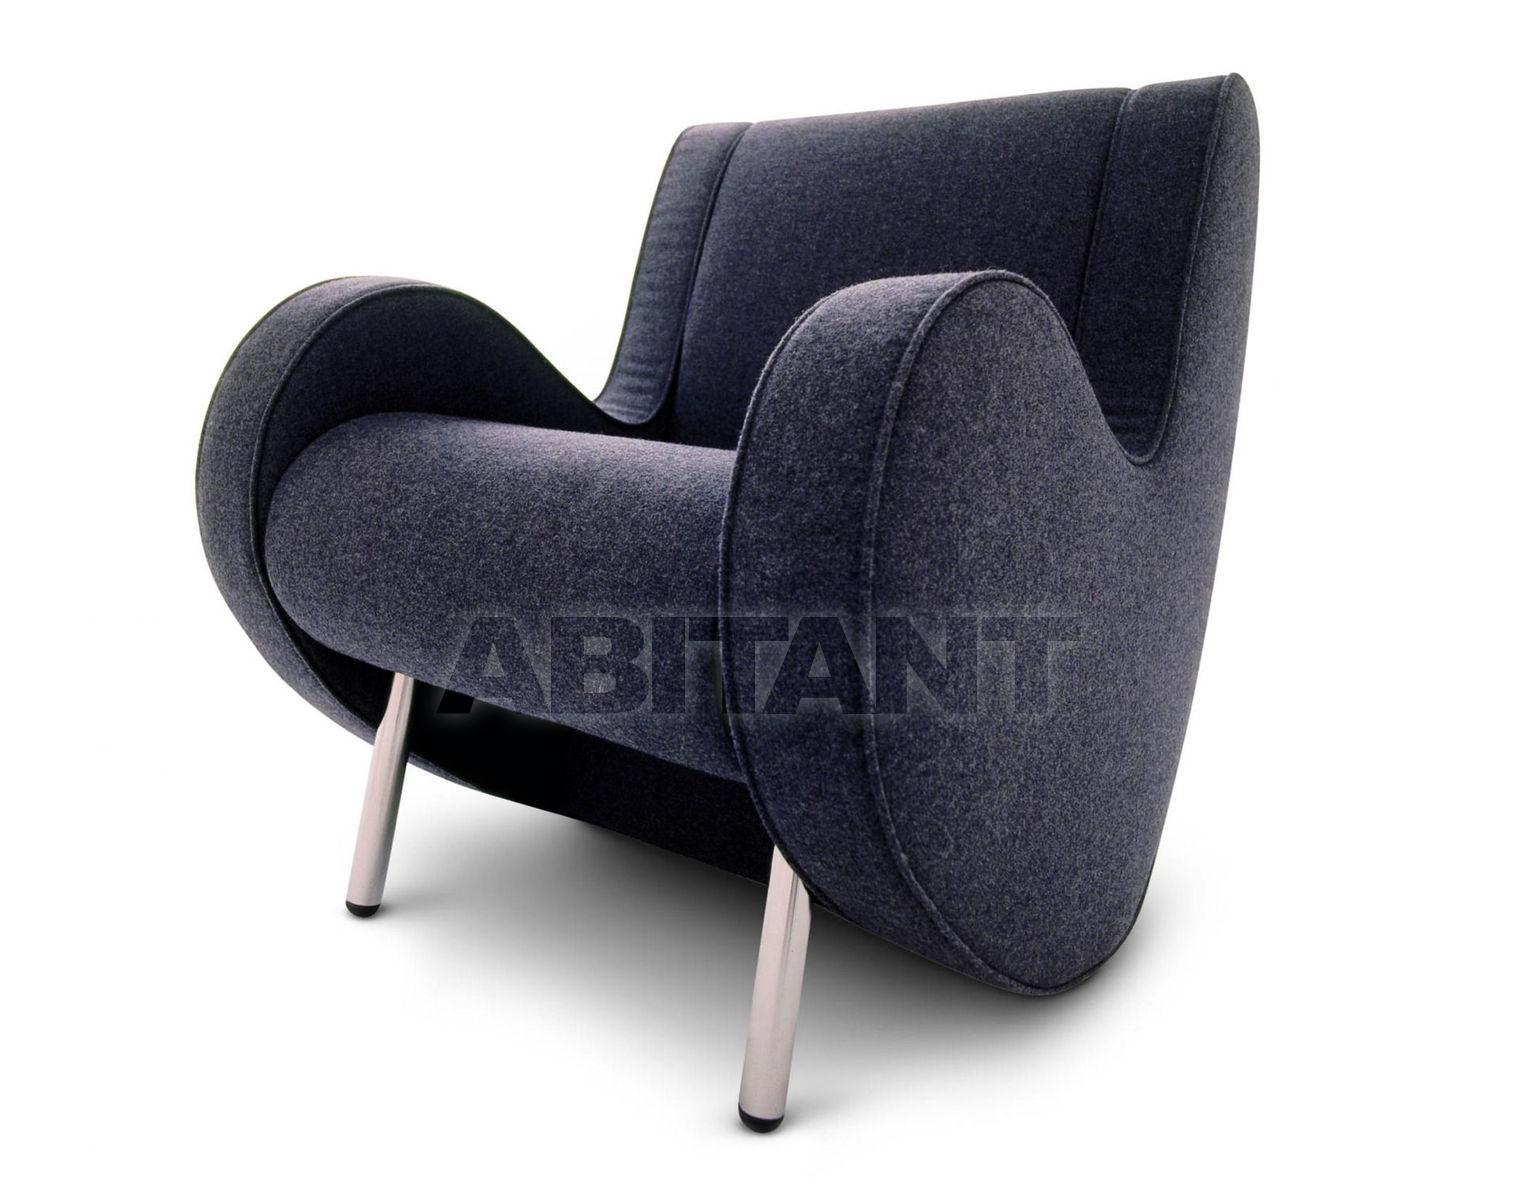 Buy Сhair ATINA Adrenalina Atina ATINA armchair